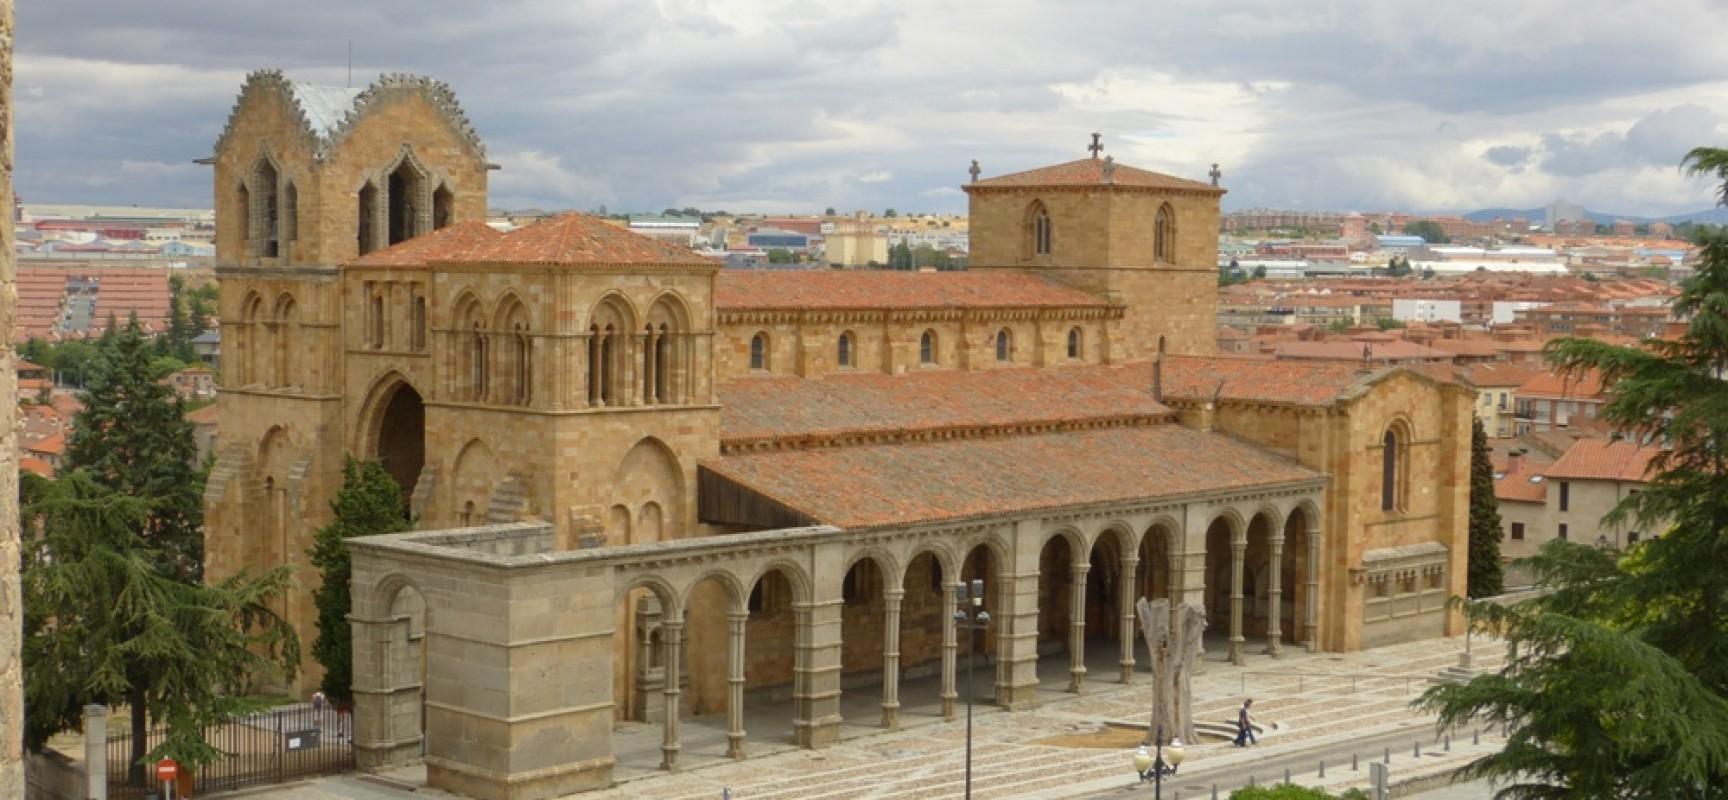 escapadas gastronómicas por Castilla y Leónn - Ávila